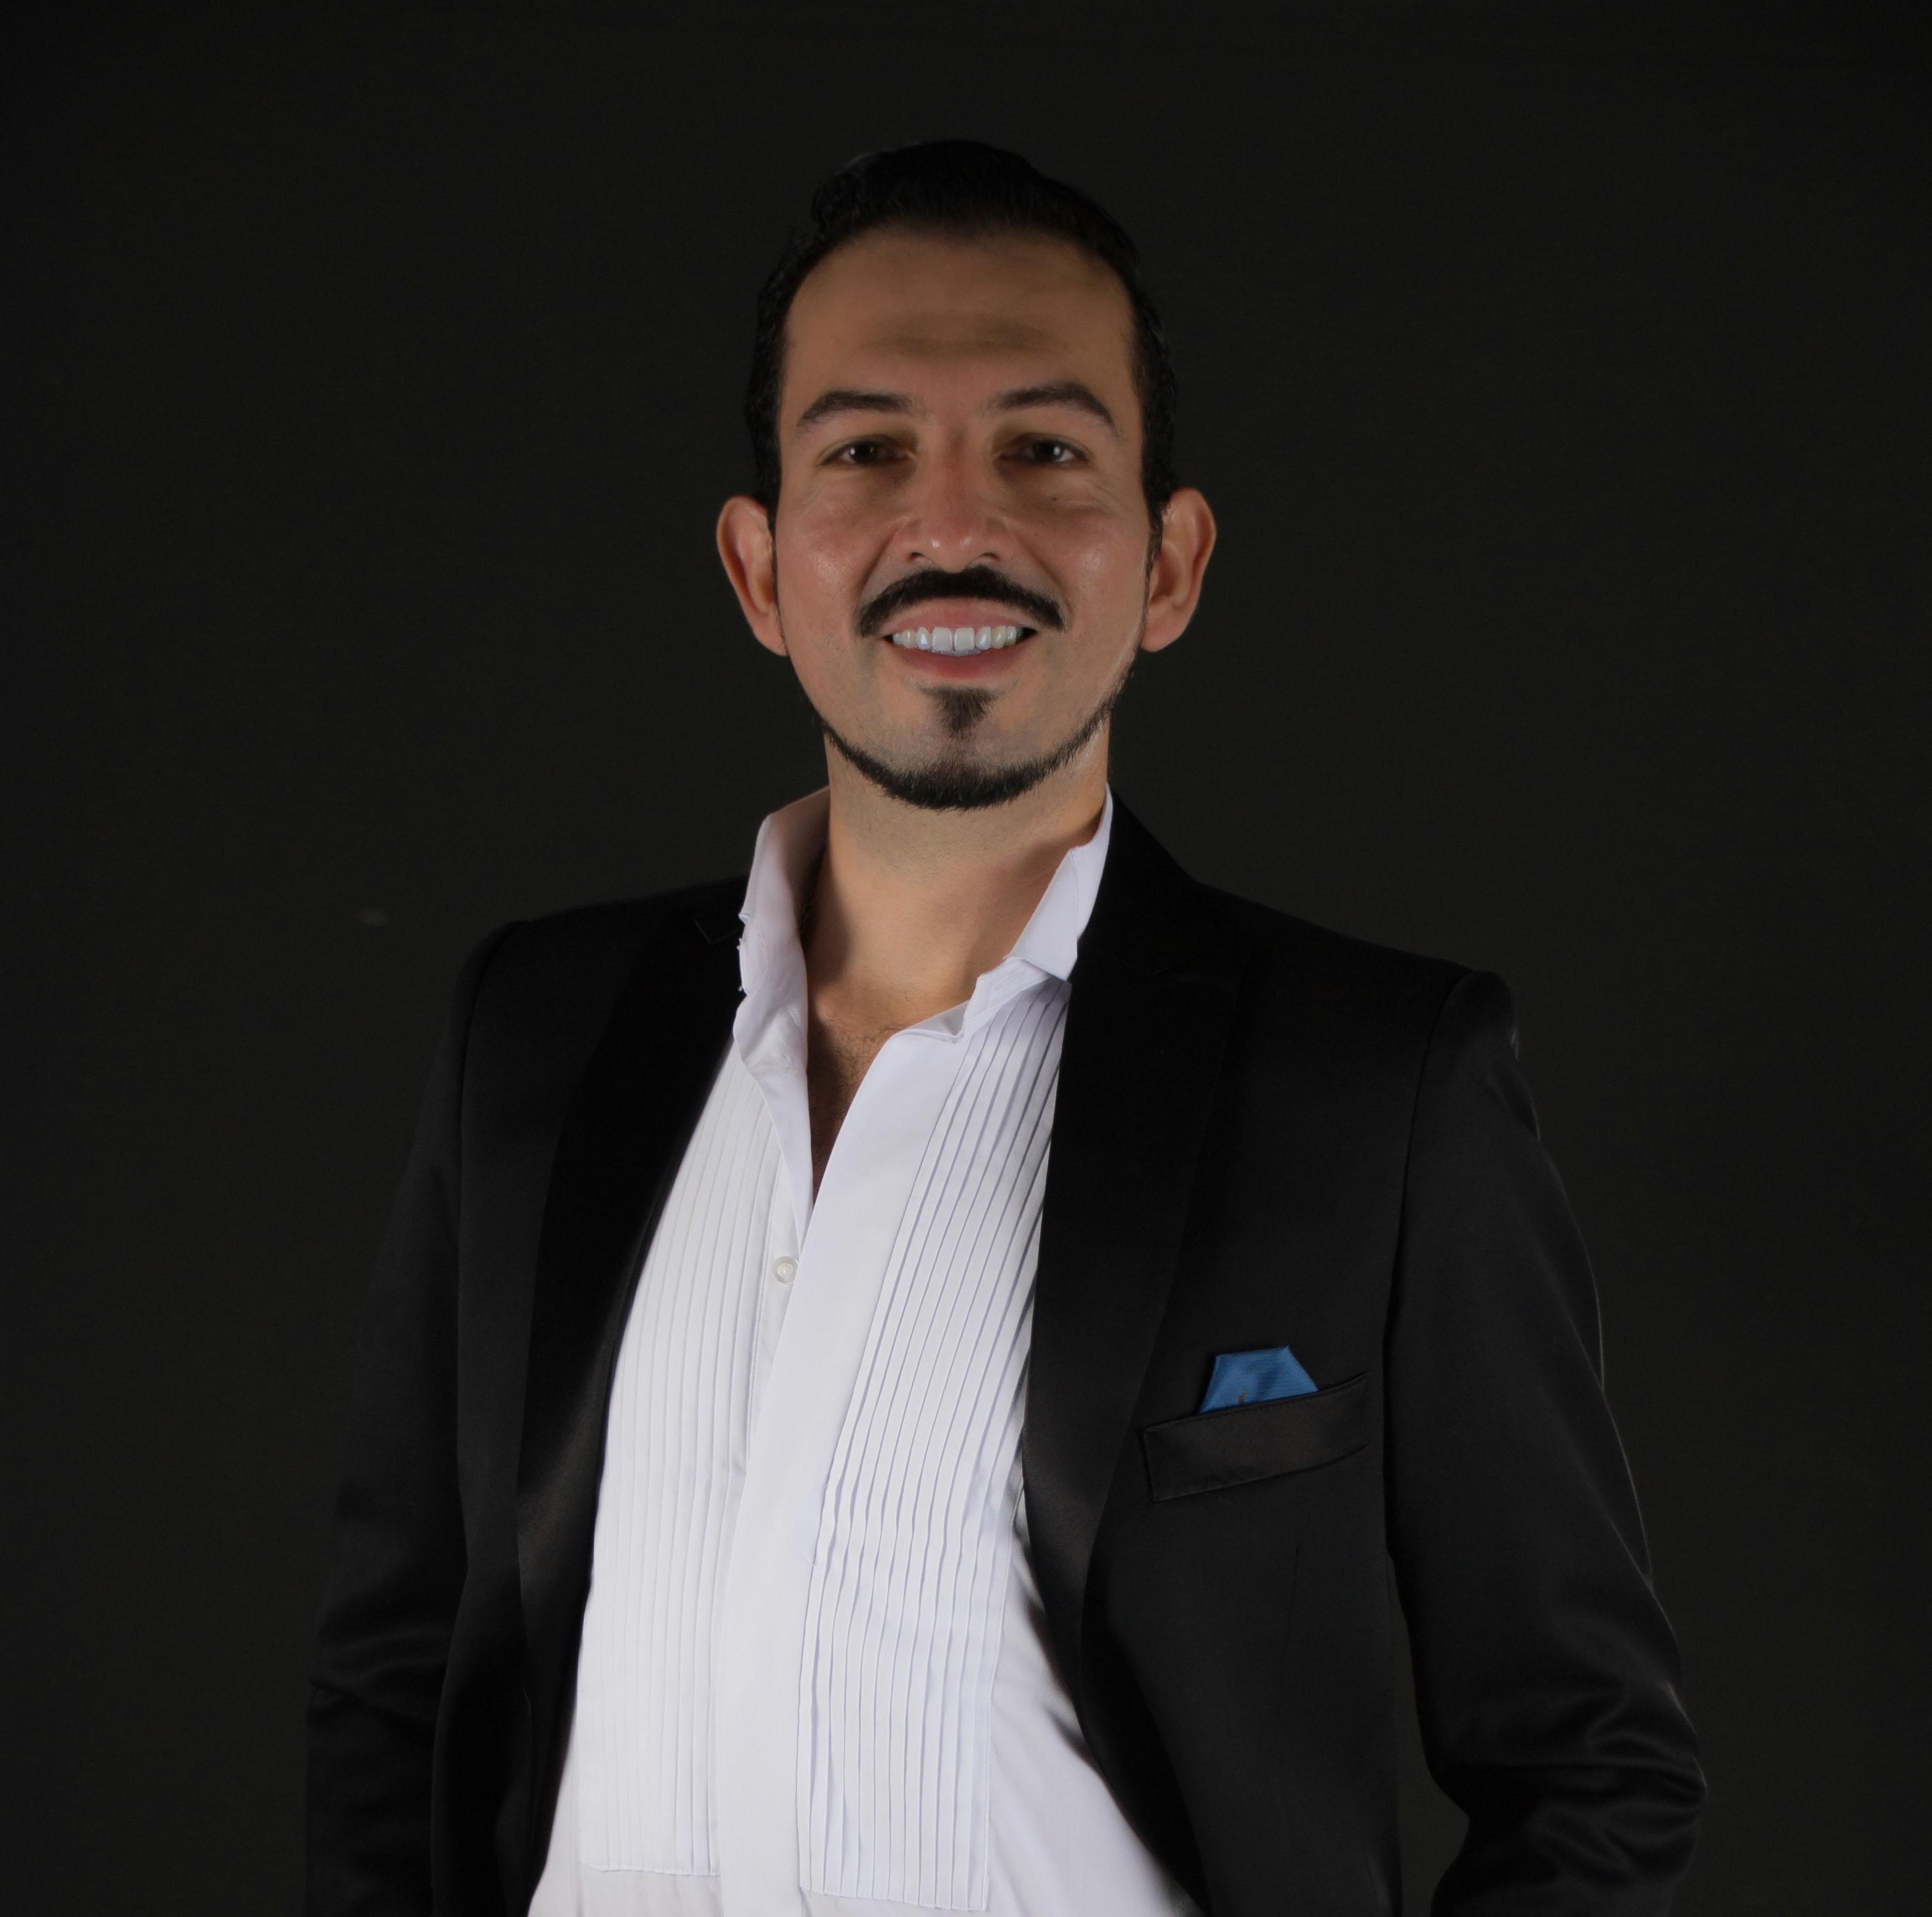 Leonardo_Fuentes 2